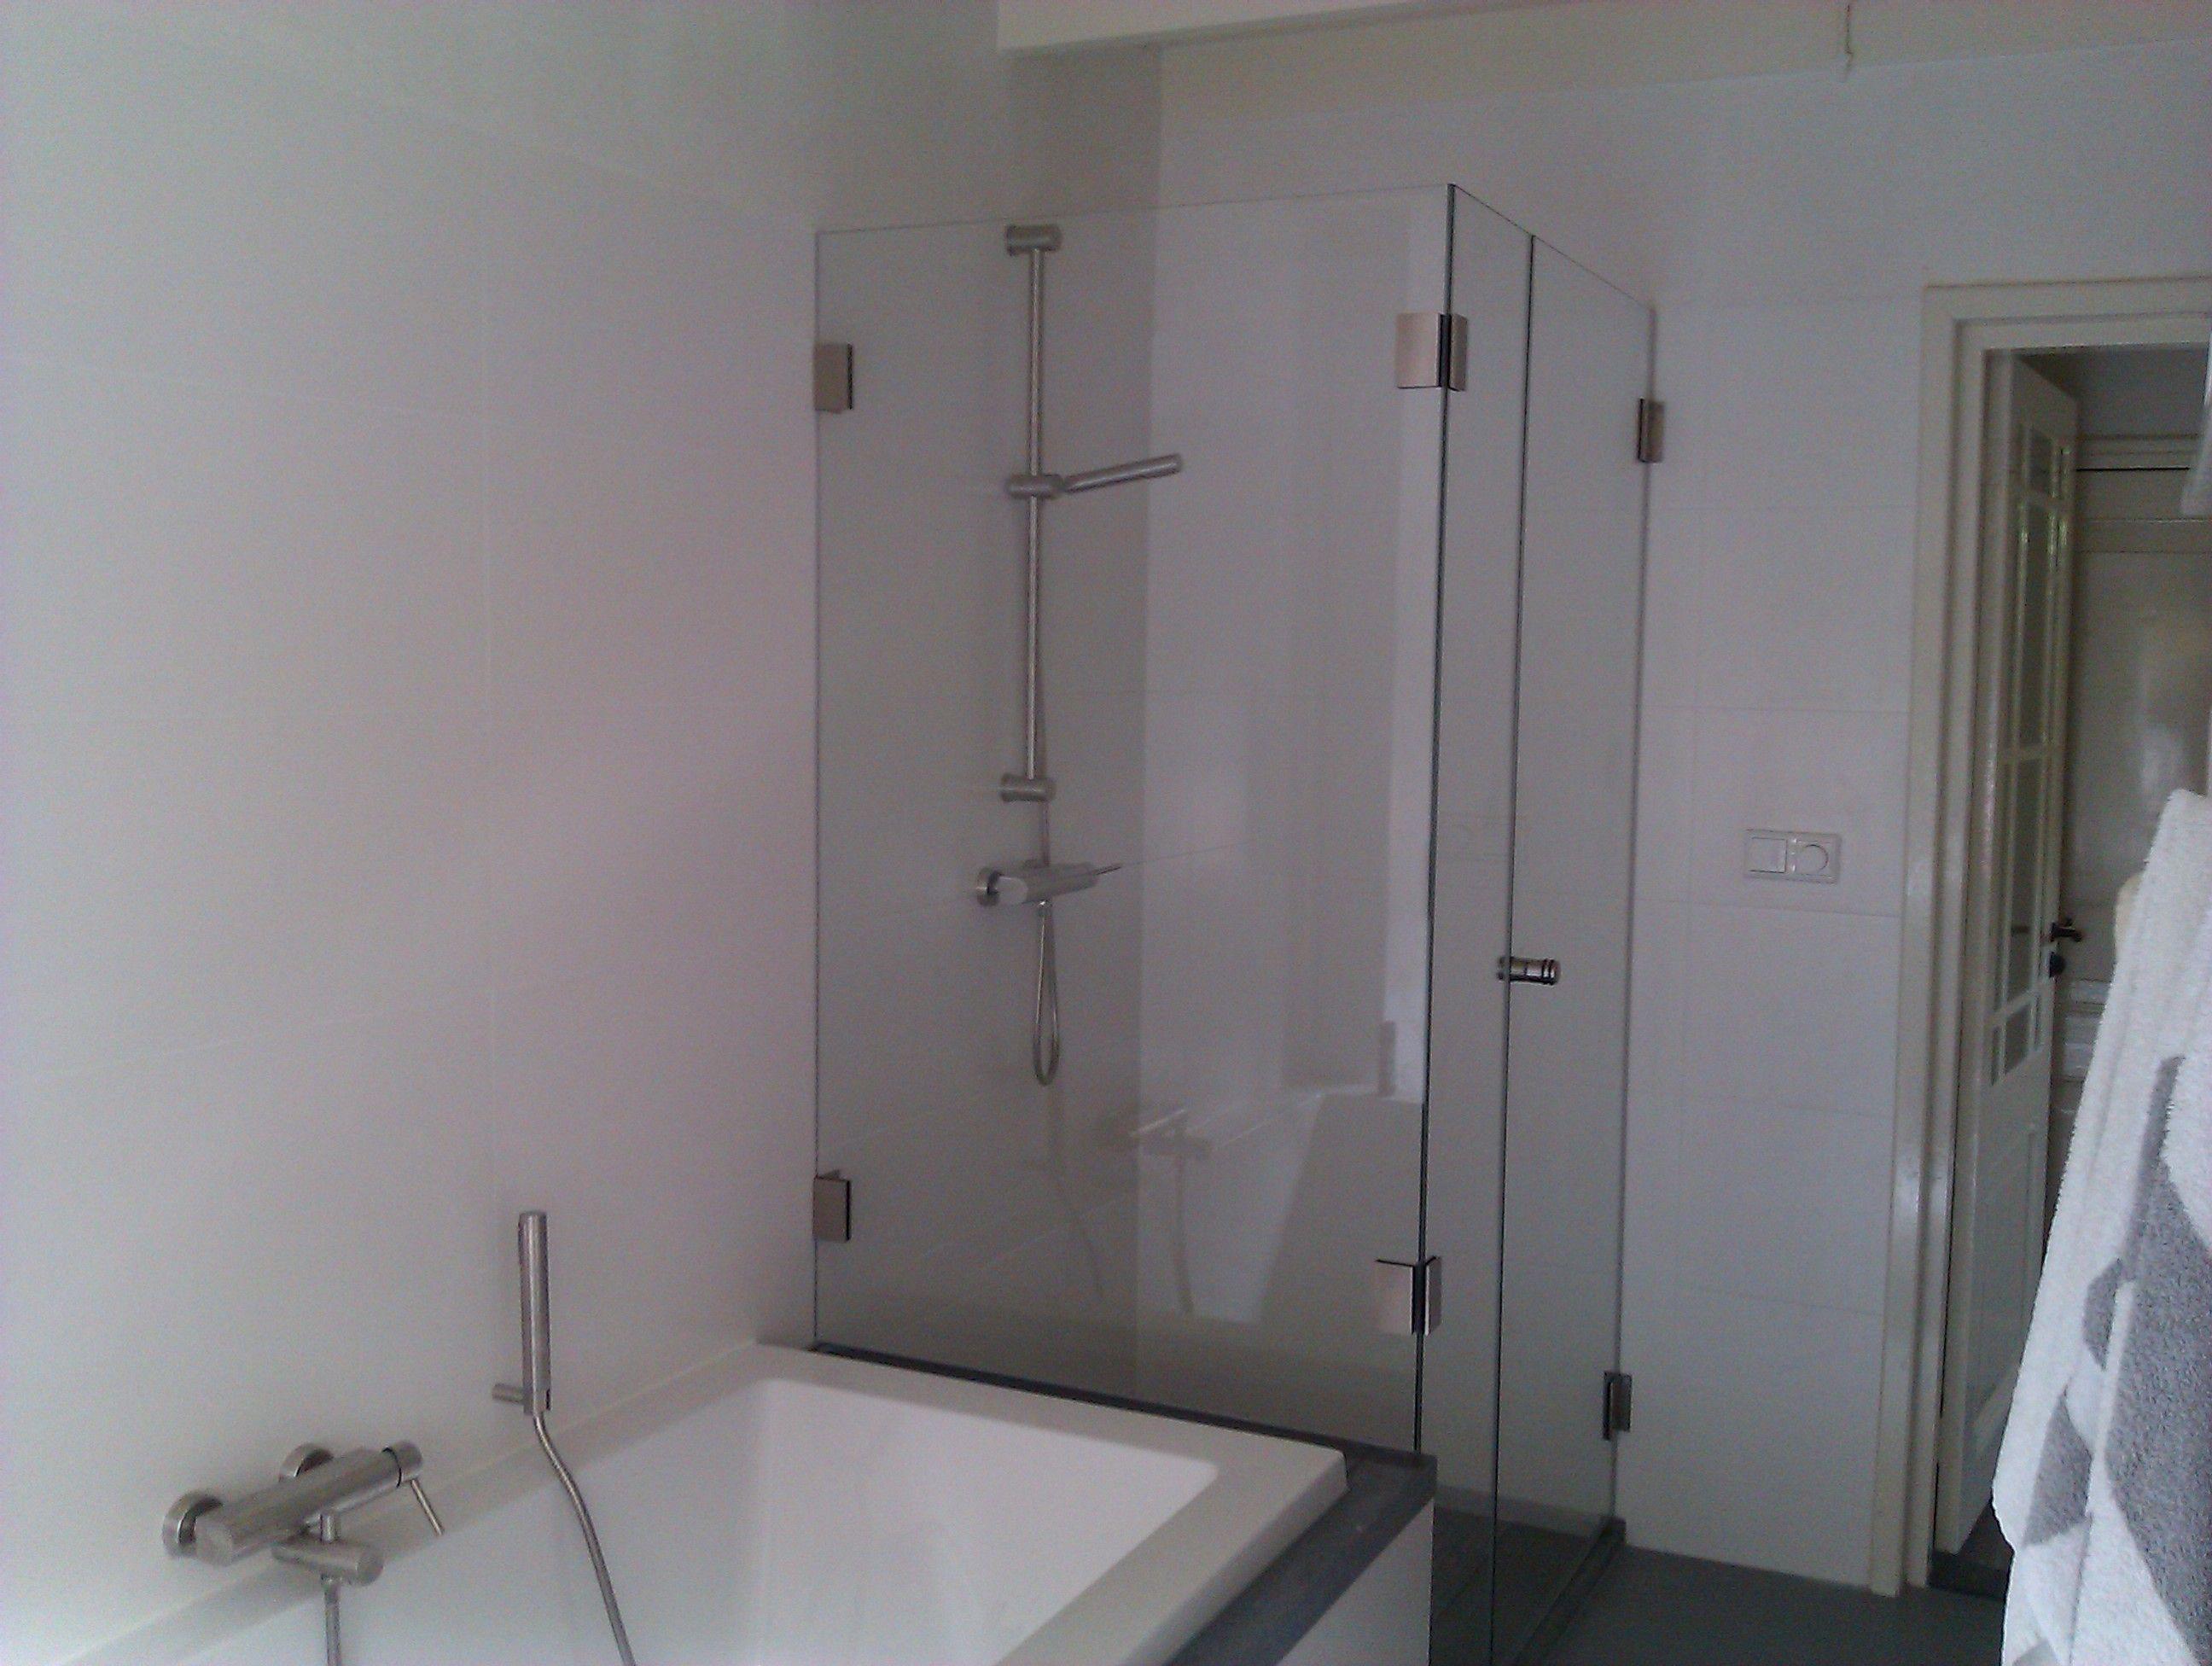 Glazen douchewand clearlabel met ingekort zijwand op het bad